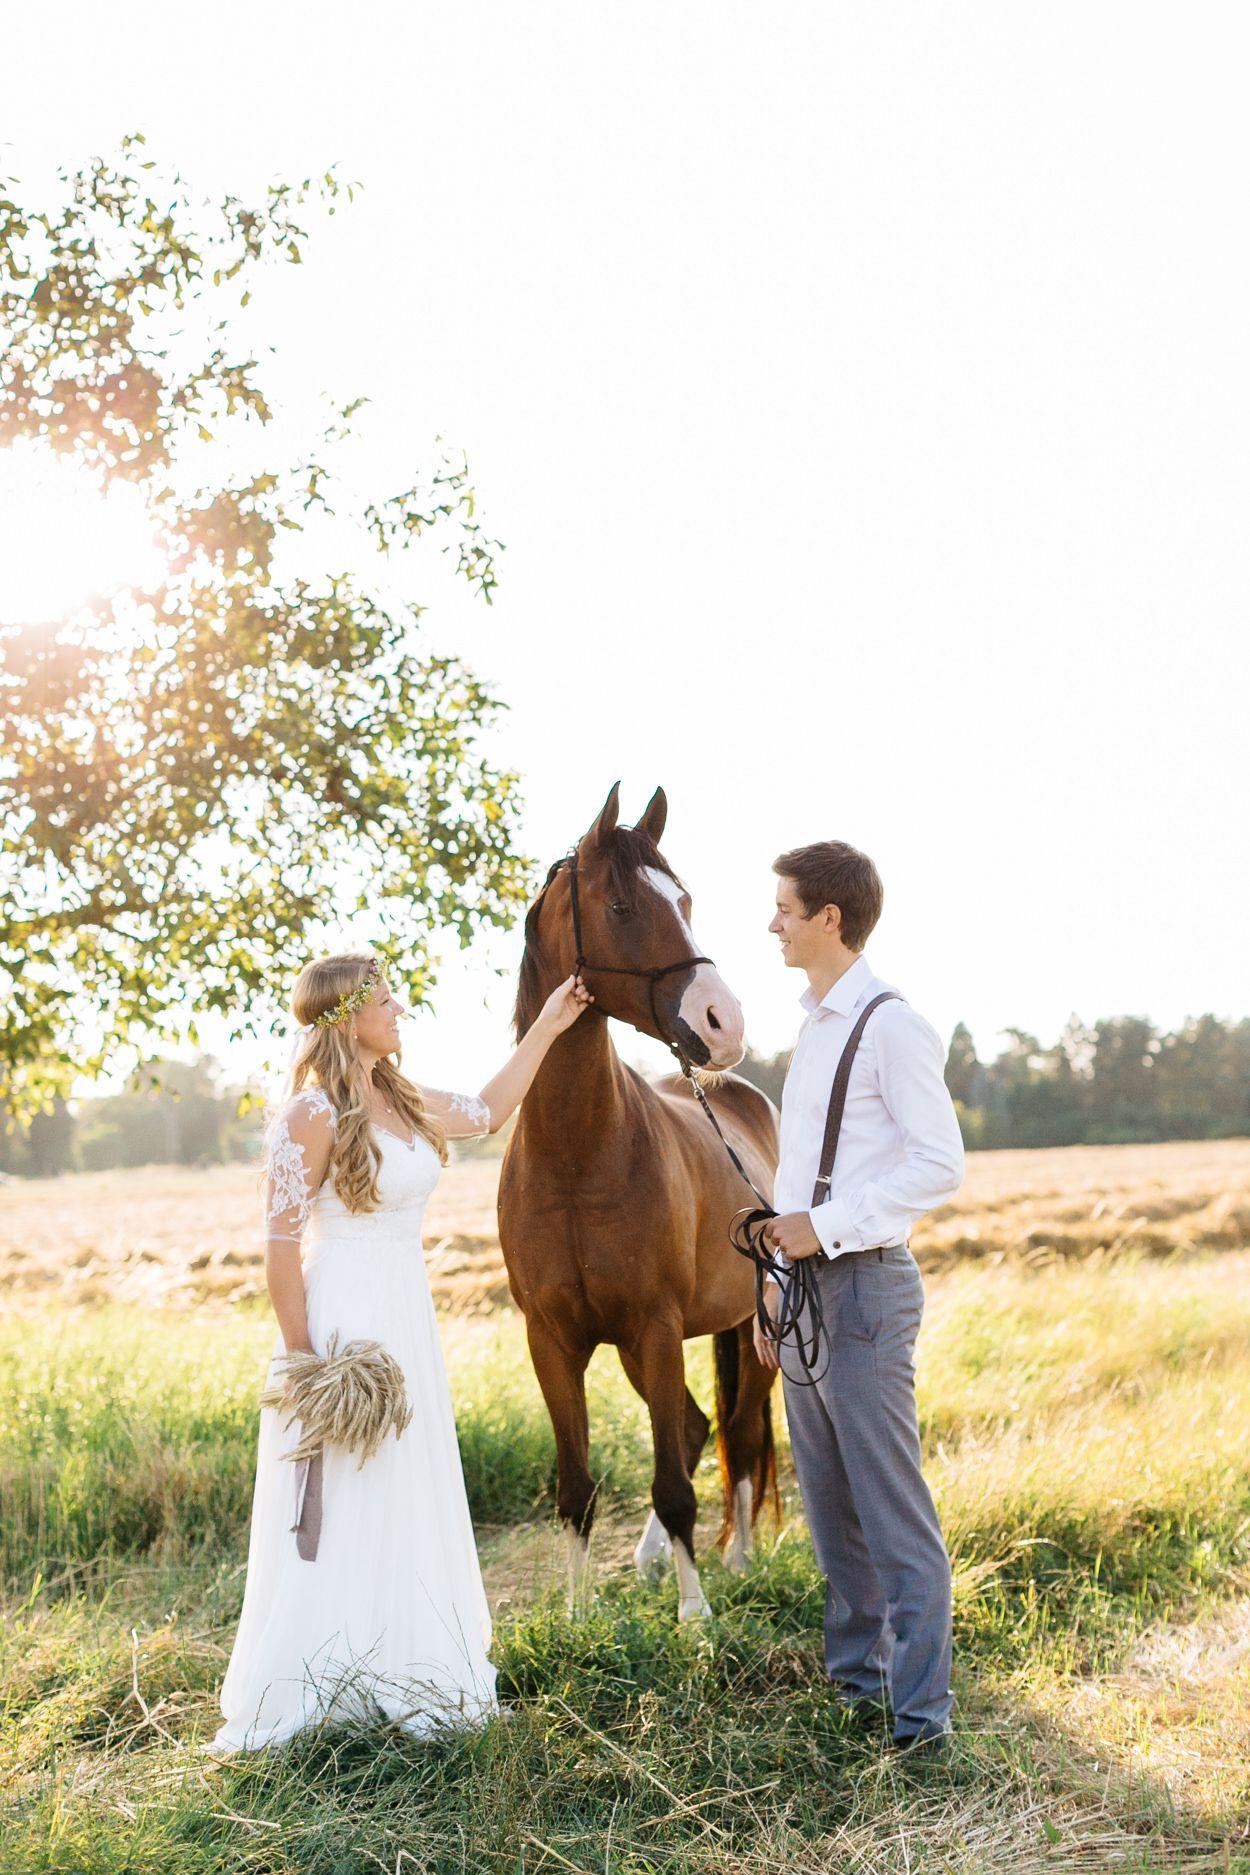 After Wedding Shooting Mit Pferd Und Boho Flair Hochzeitsblog The Little Wedding Corner Hochzeitsfoto Pferd Hochzeit Fotografieren Pferde Hochzeit